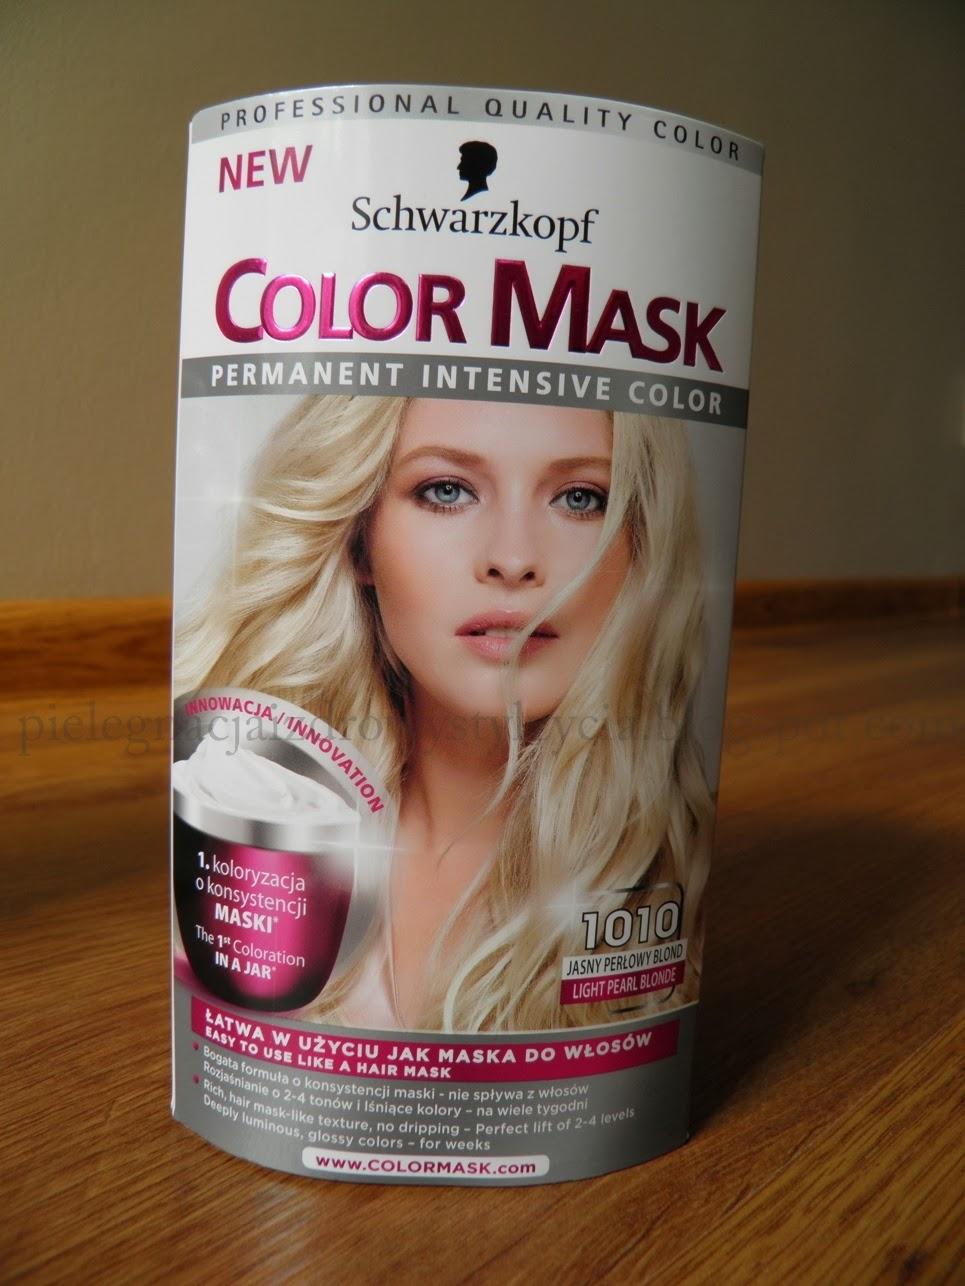 Farba do włosów Schwarzkopf Color Mask 1010 jasny, perłowy blond. Blog, opinie.